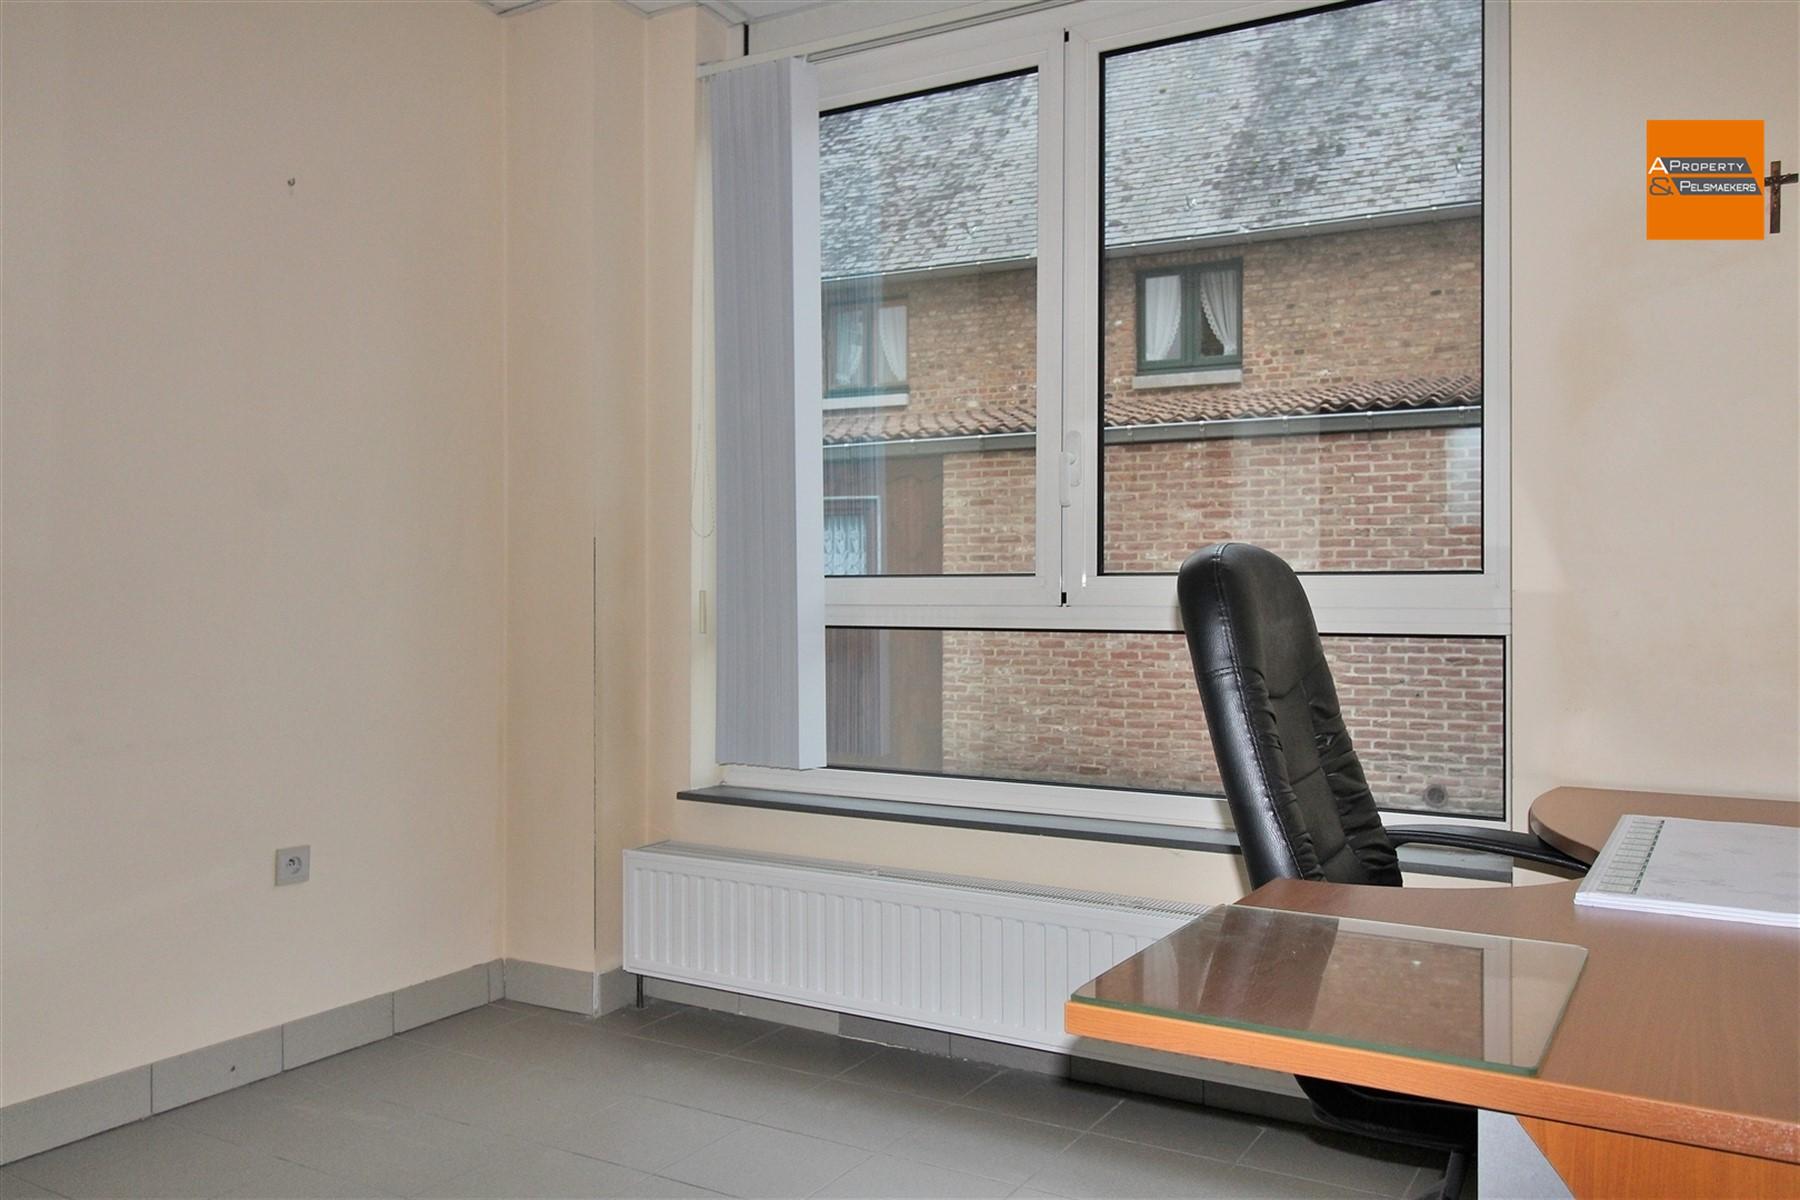 Foto 6 : Winkelruimte in 3272 TESTELT (België) - Prijs € 850